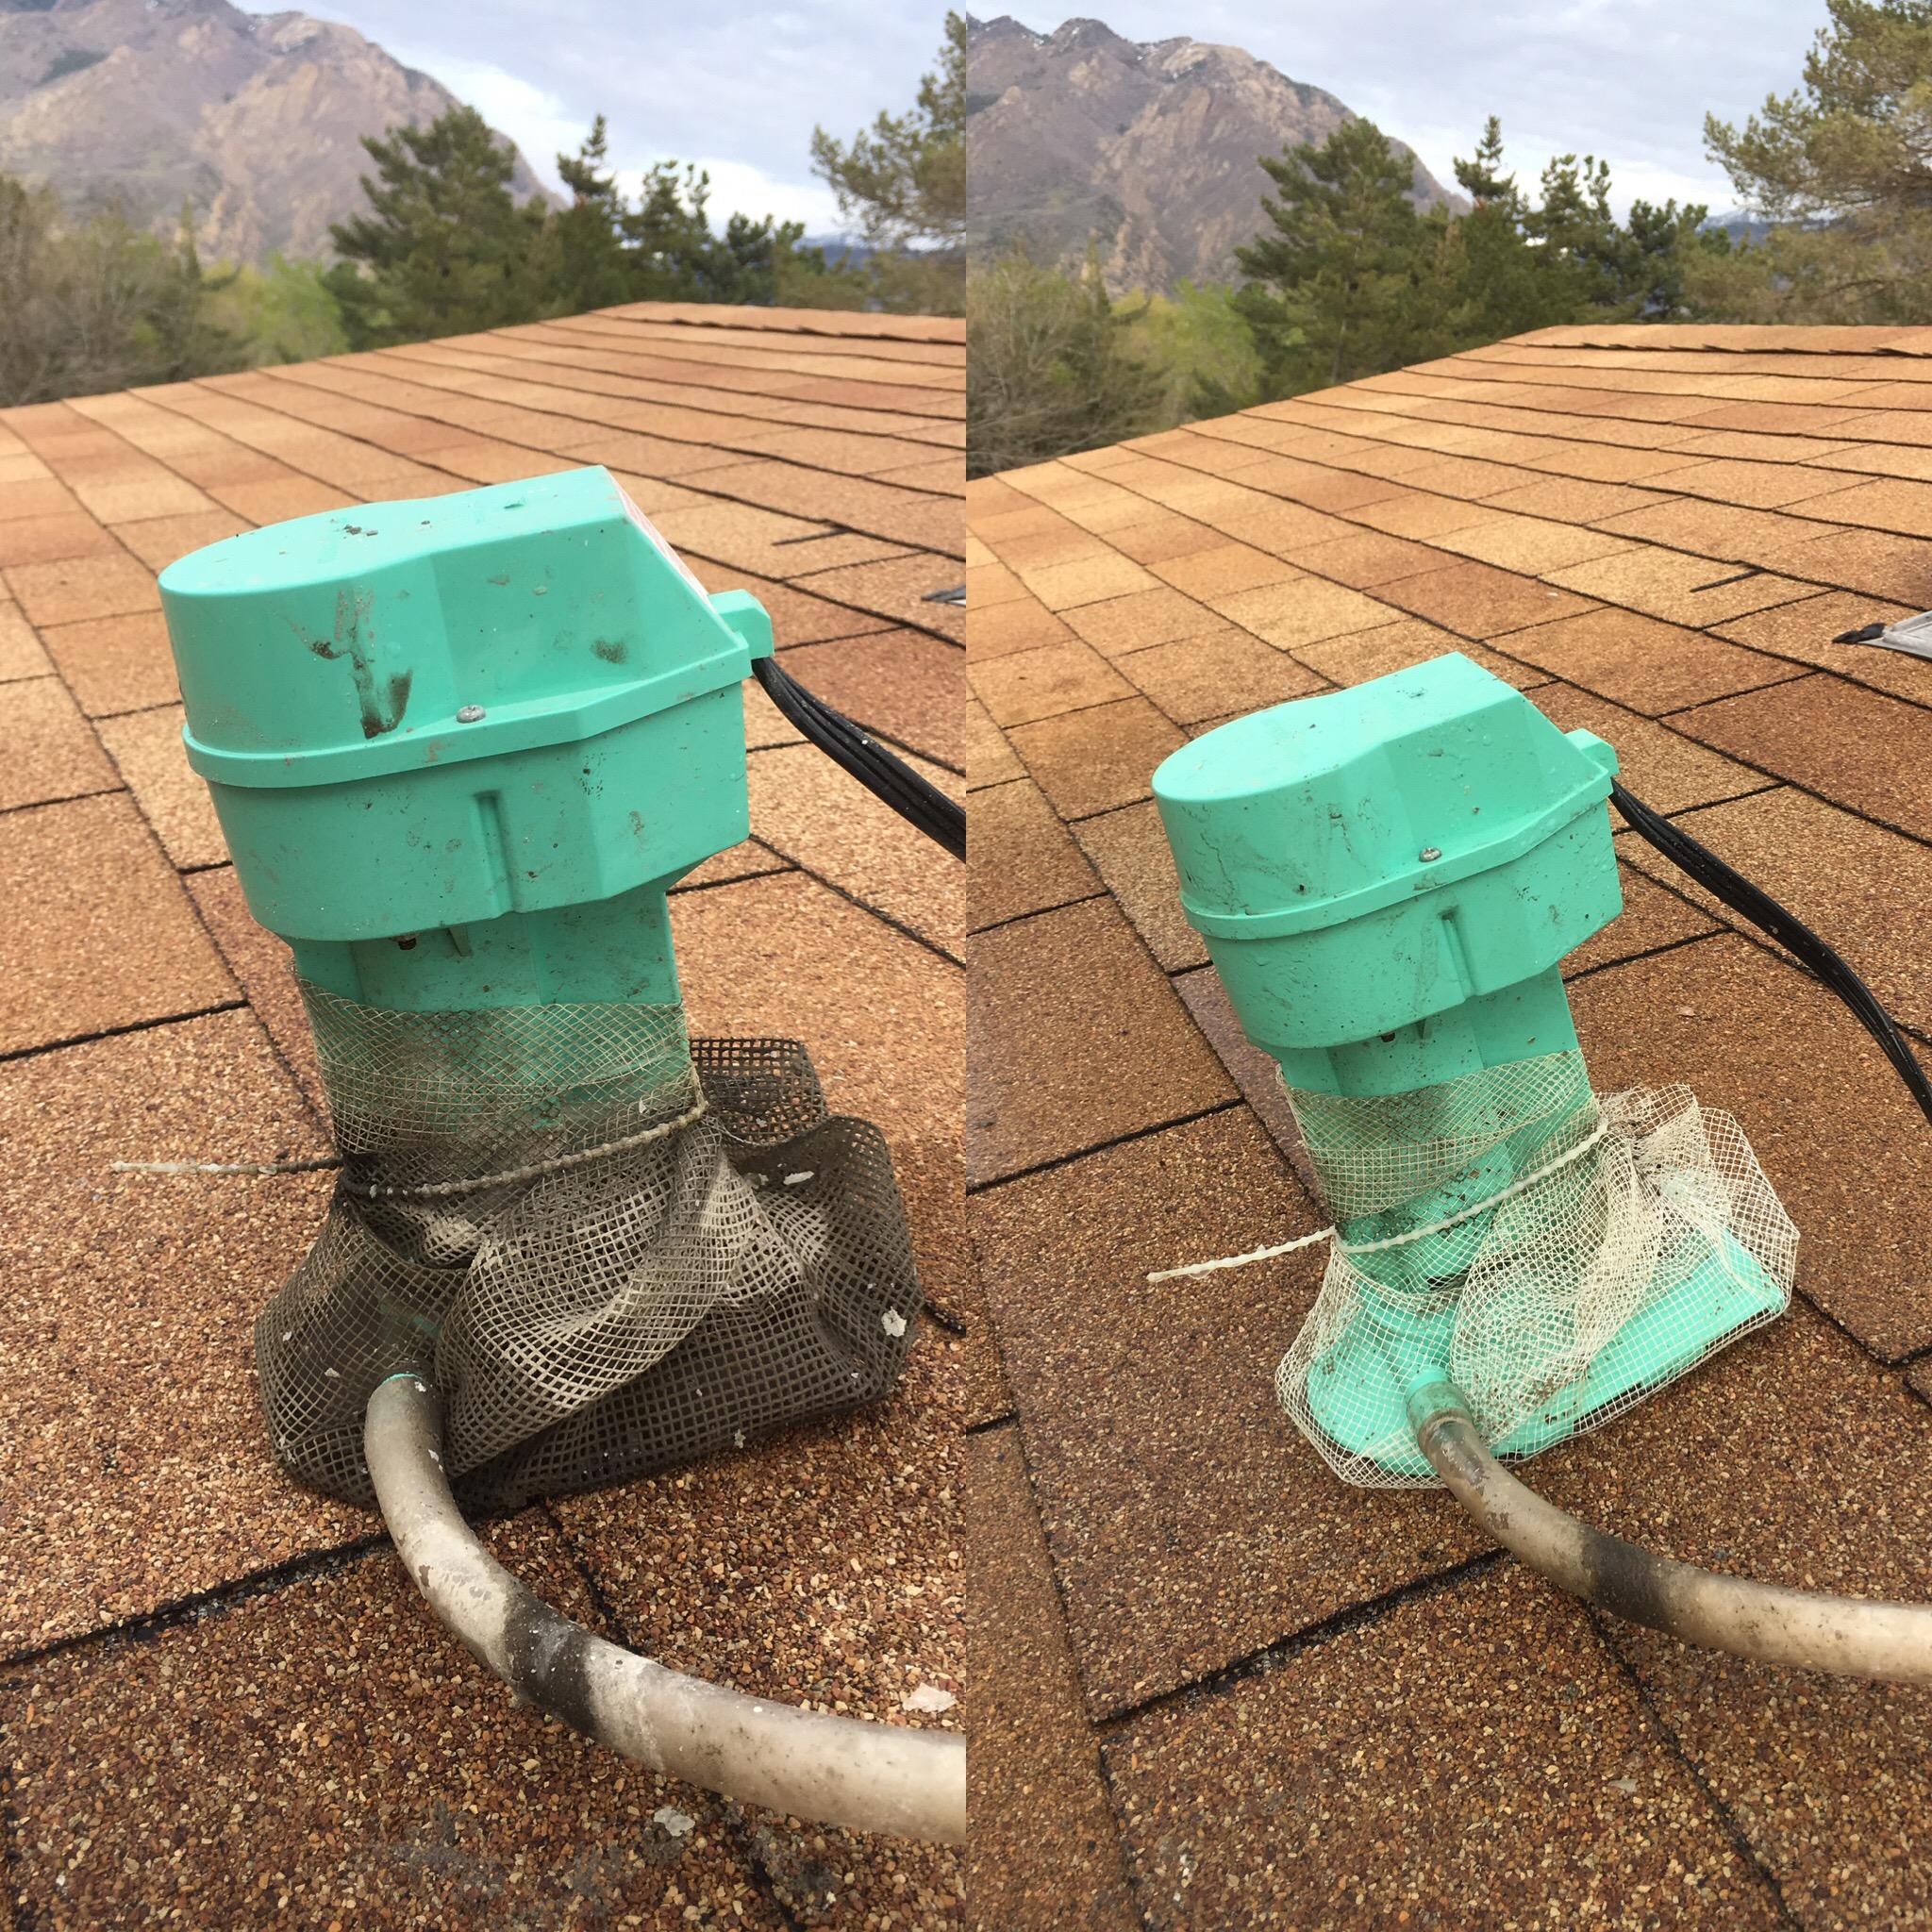 durty vs clean pump.jpg